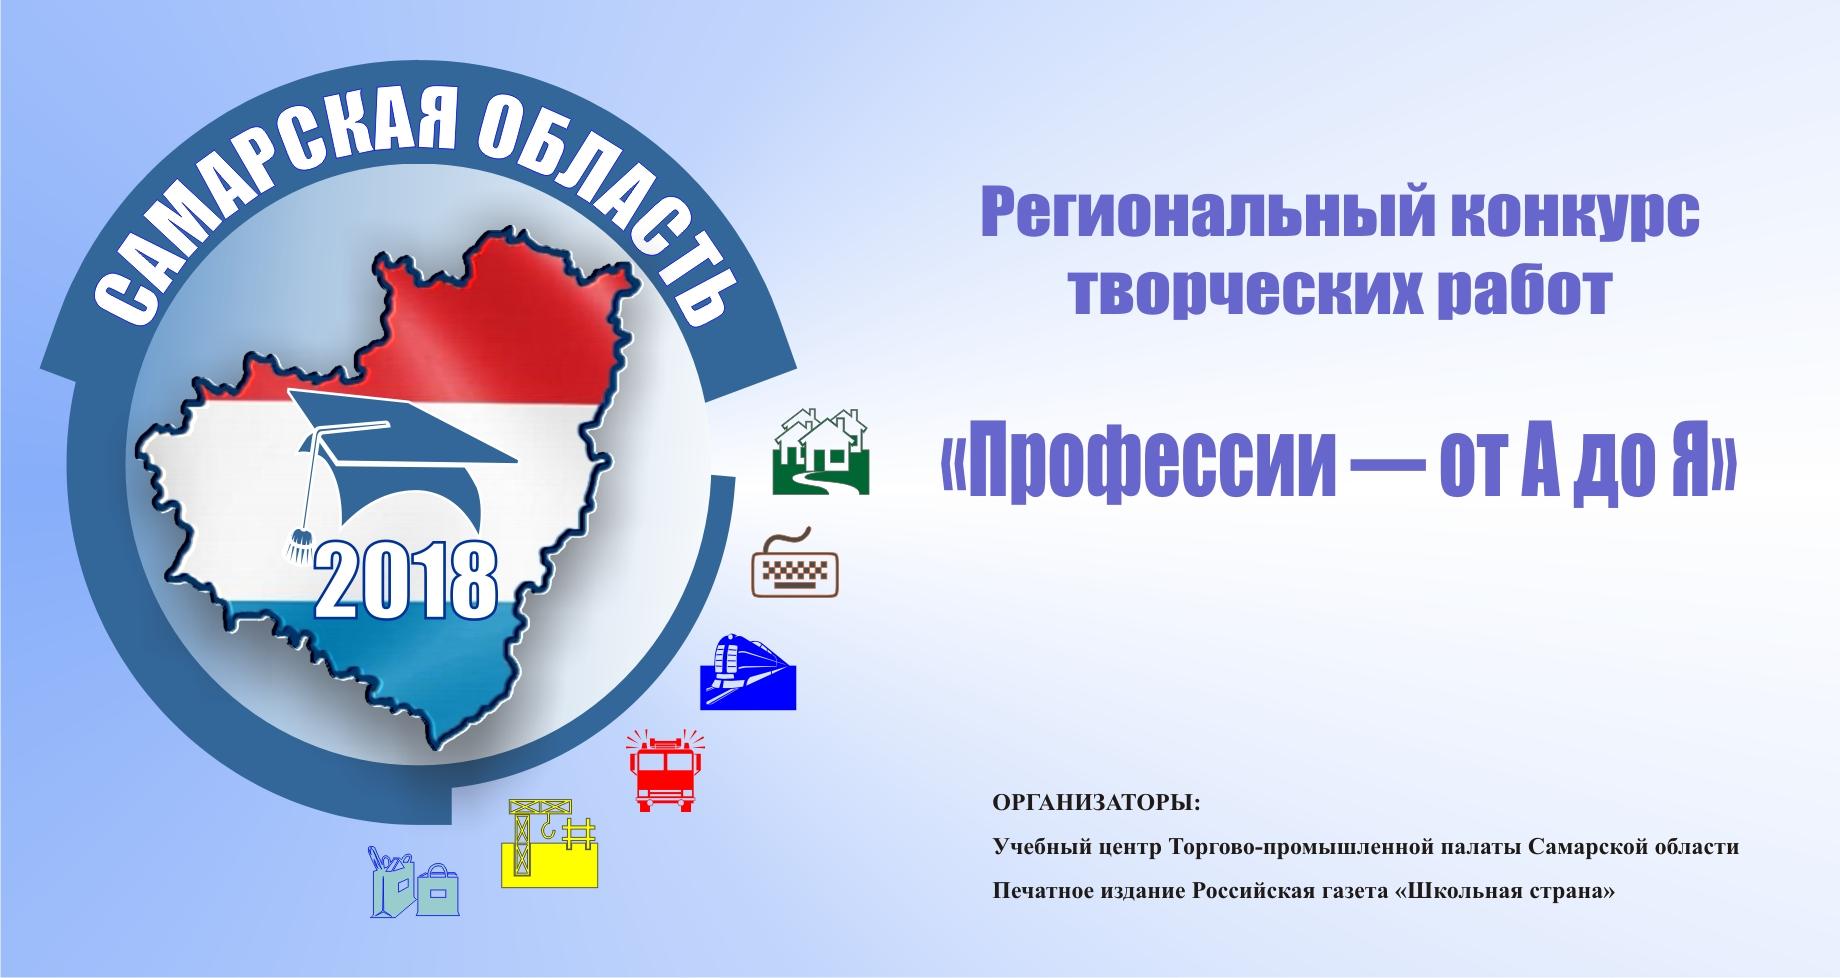 Региональный конкурс «Профессии — от А до Я»